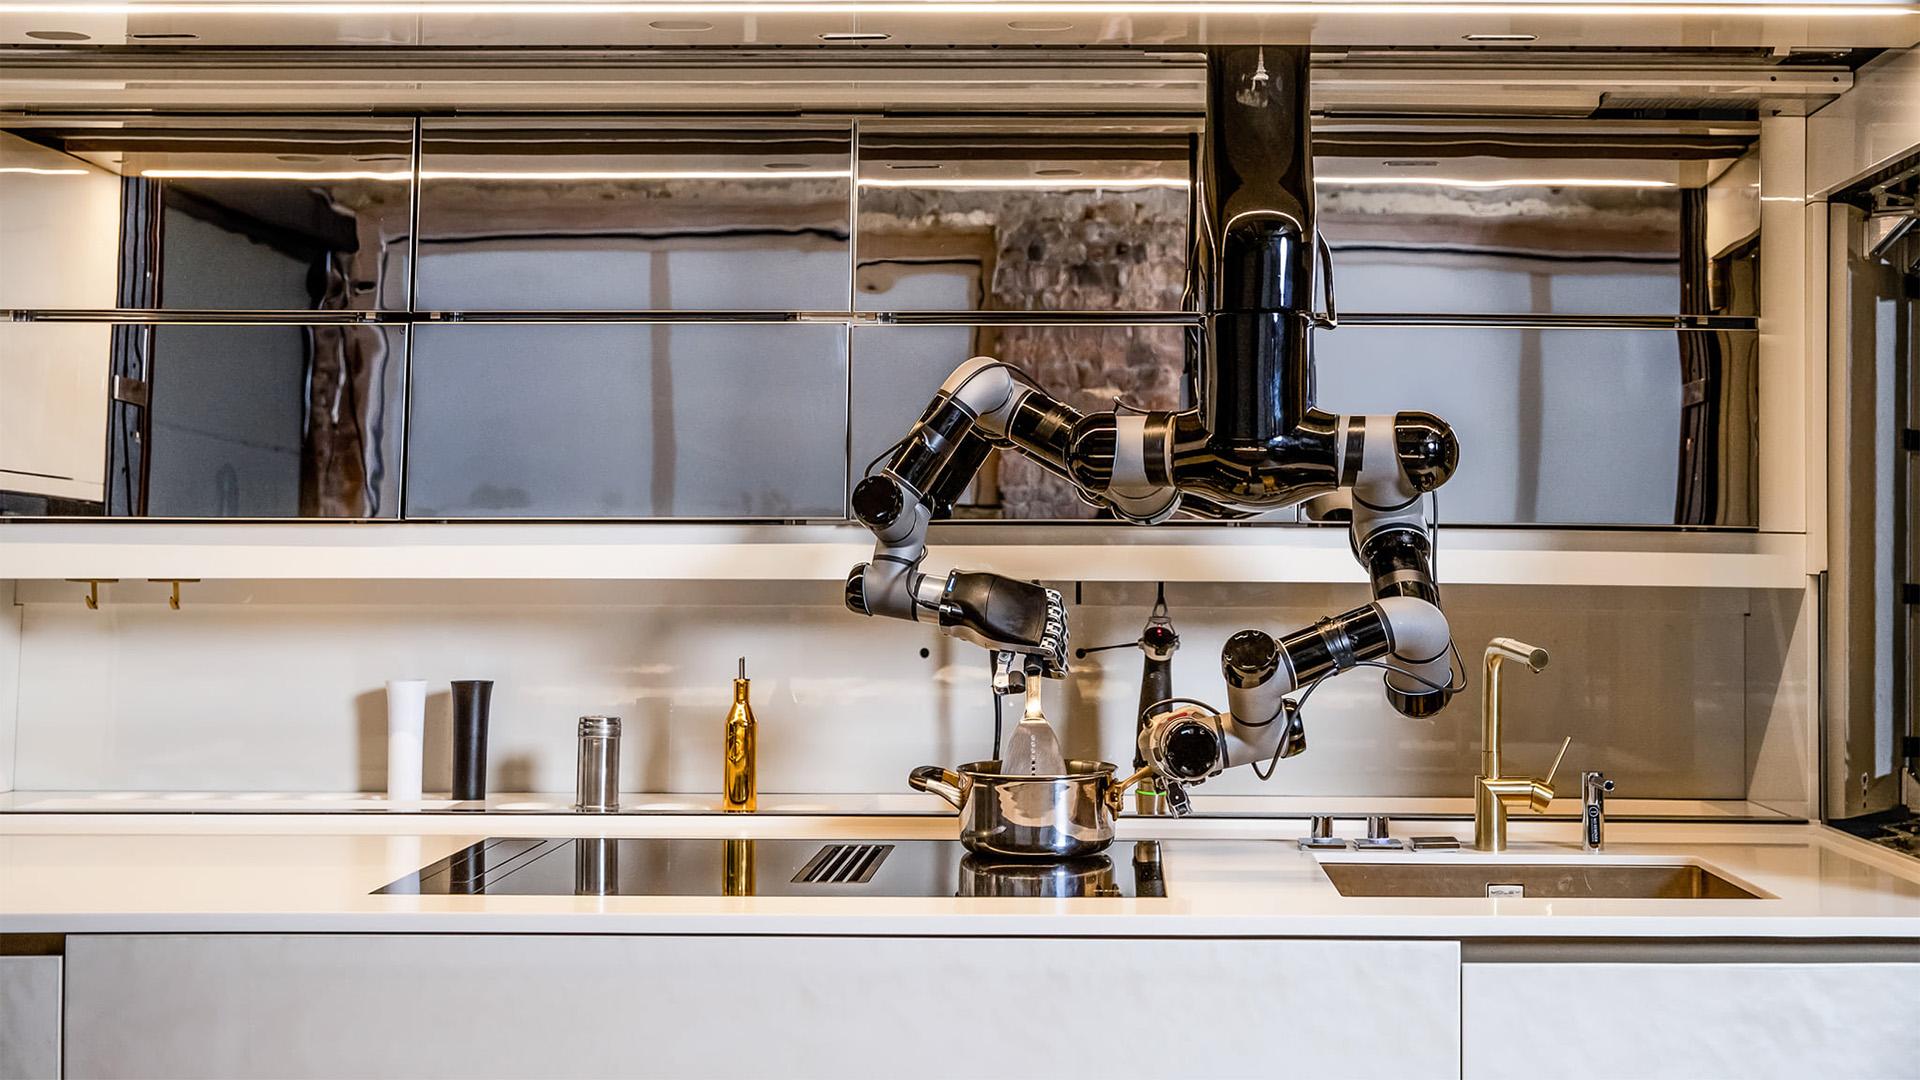 Ez a robotszakács el is mosogat maga után